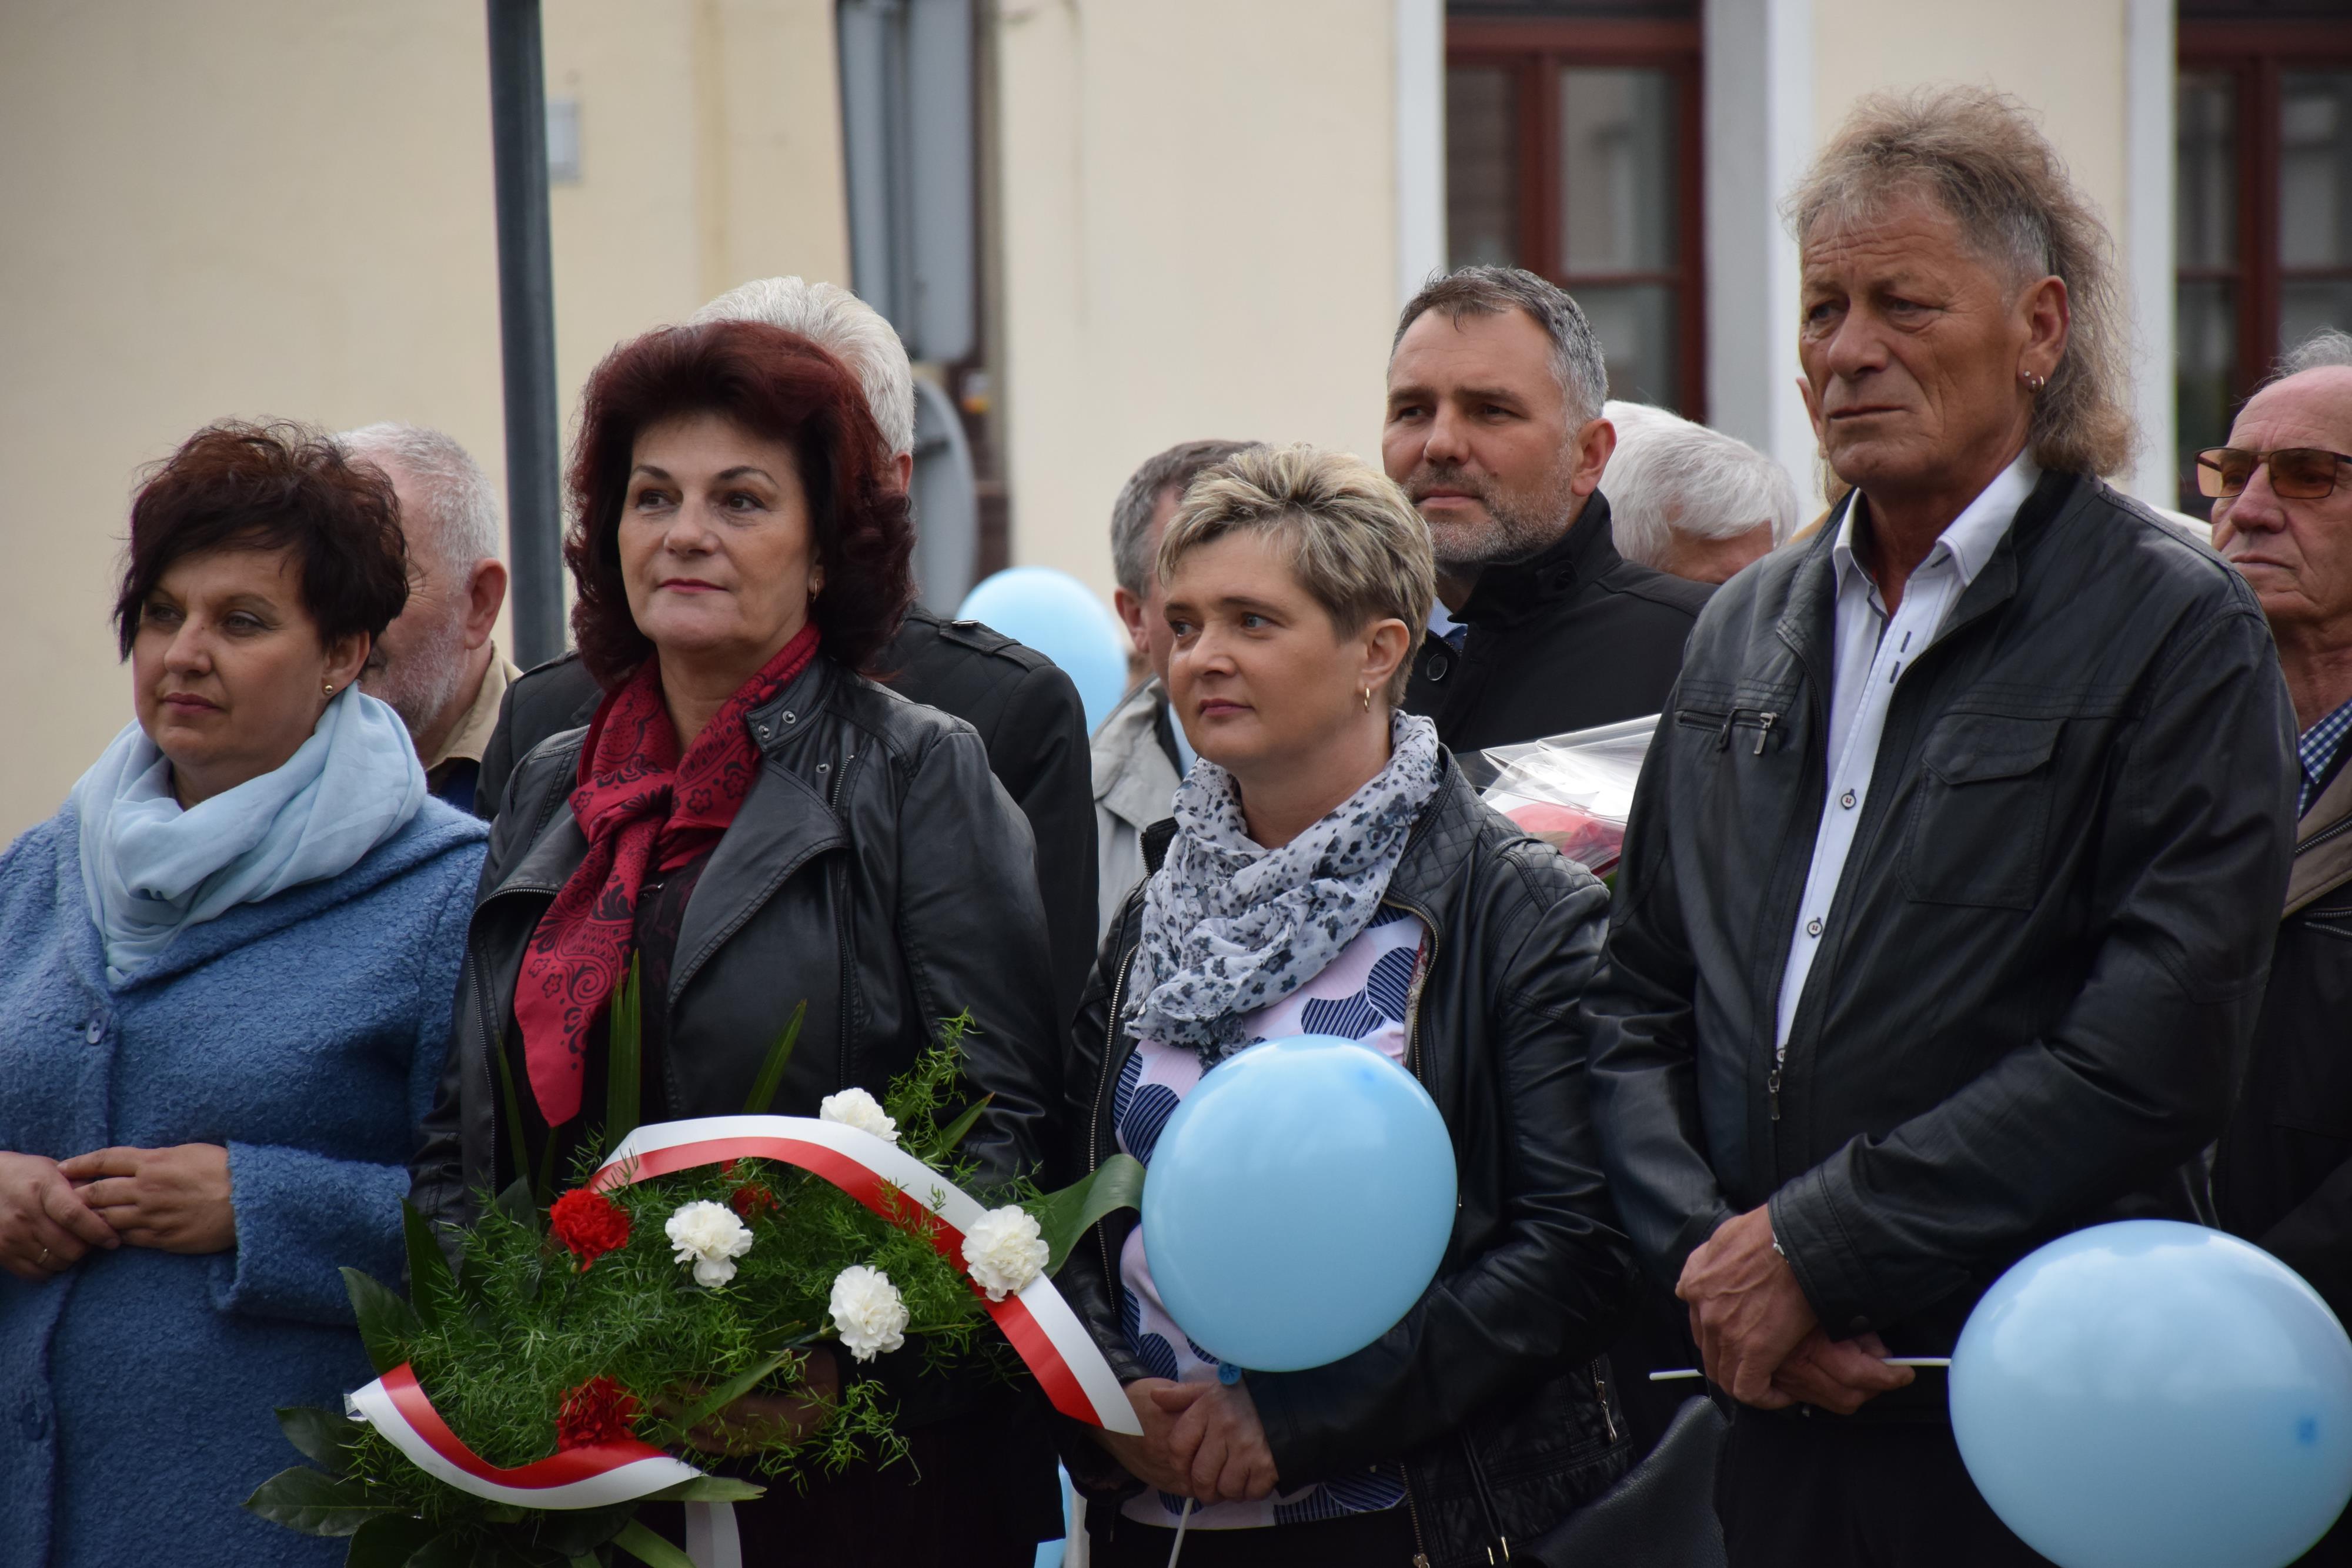 W Andrychowie uczcili Święto Pracy i wejście Polski do UE